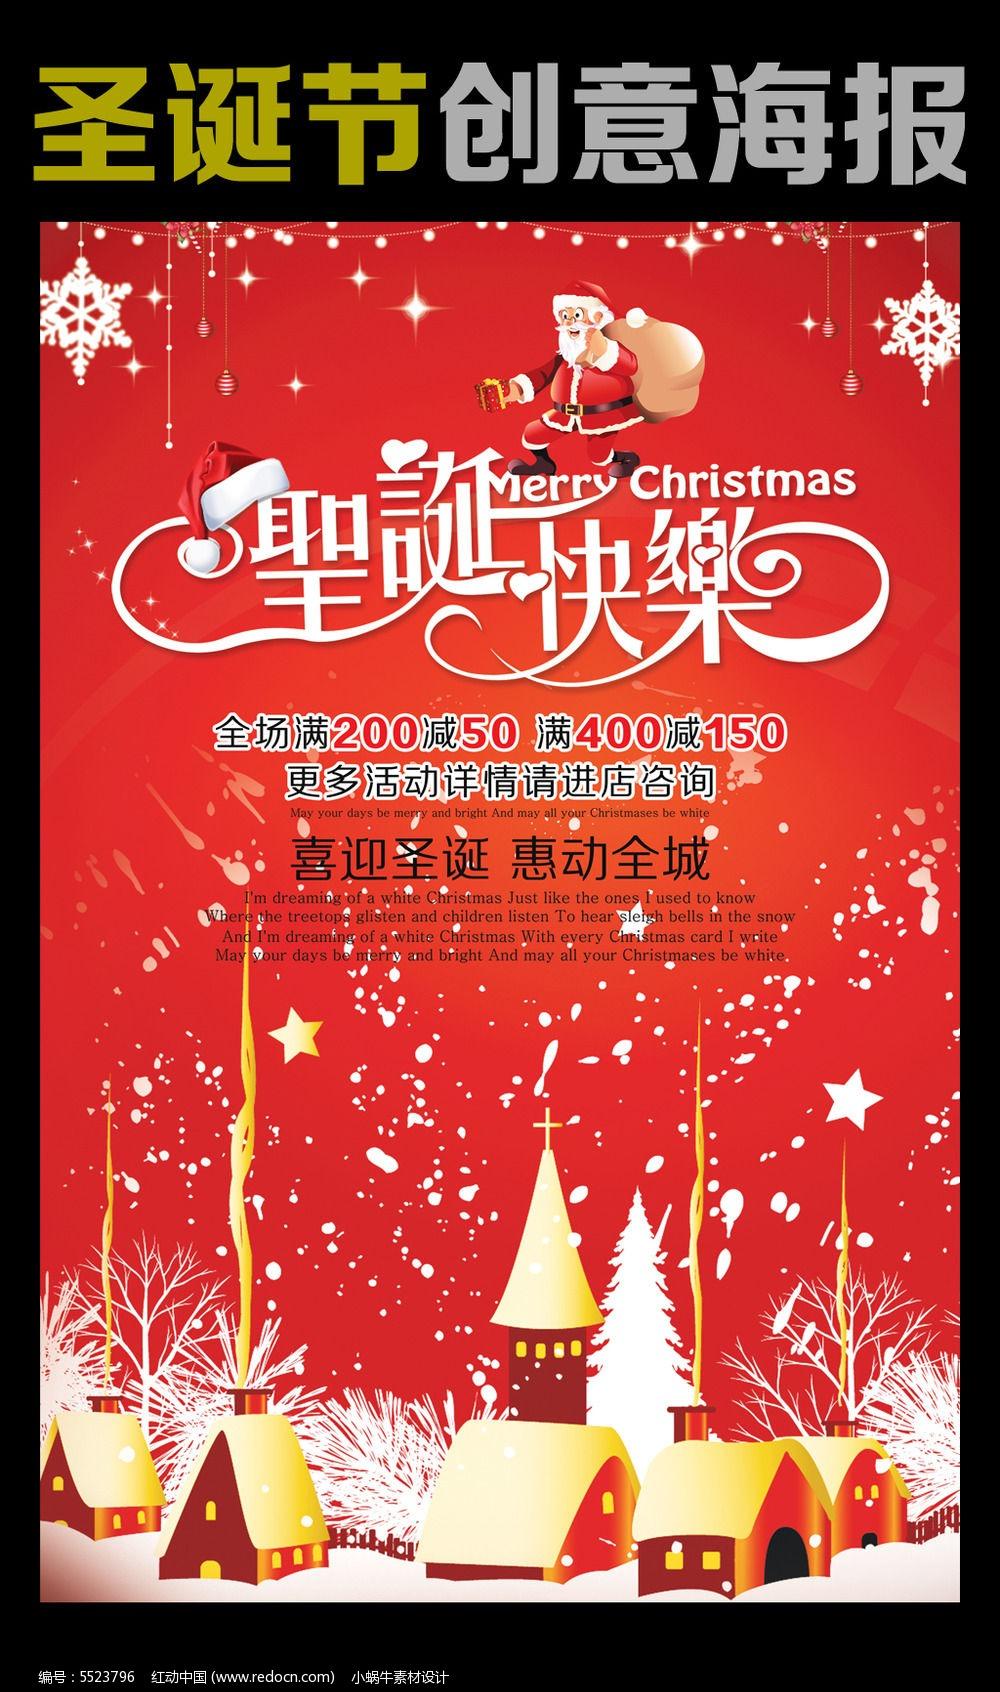 圣诞海报手绘设计